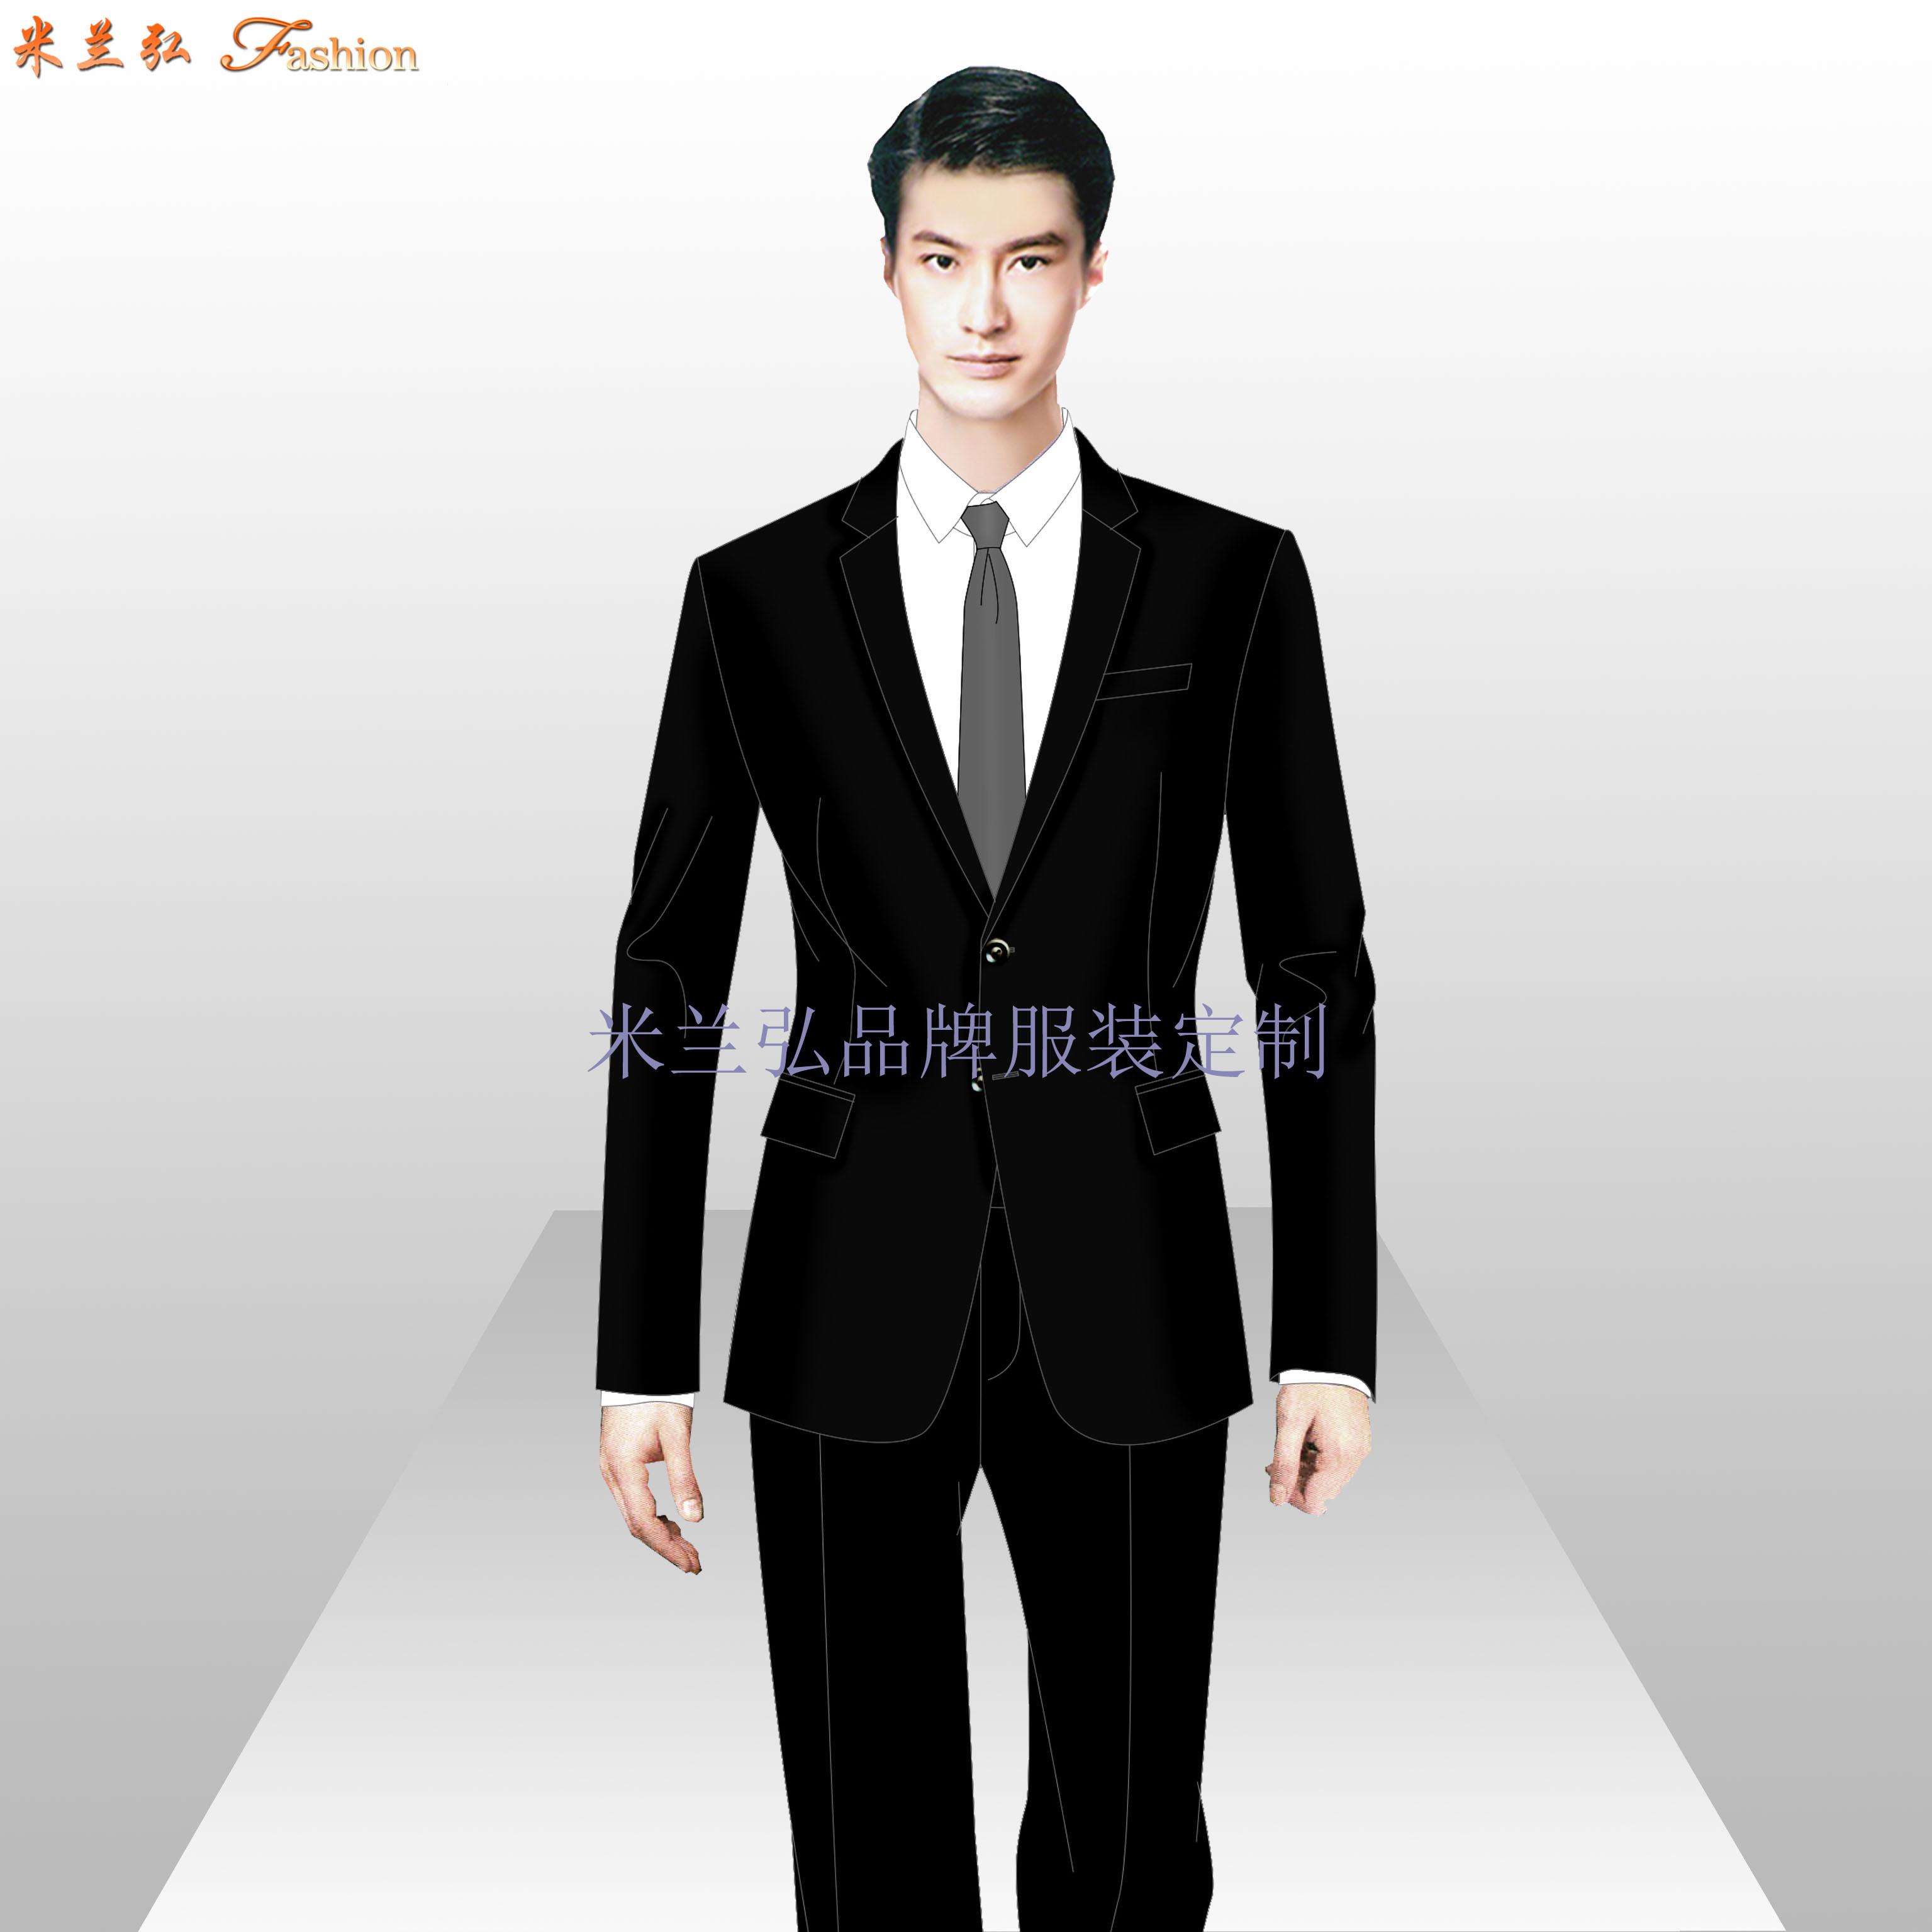 密雲區西服定製_北京密雲職業裝訂做-最新送体验金网站服裝廠家-5